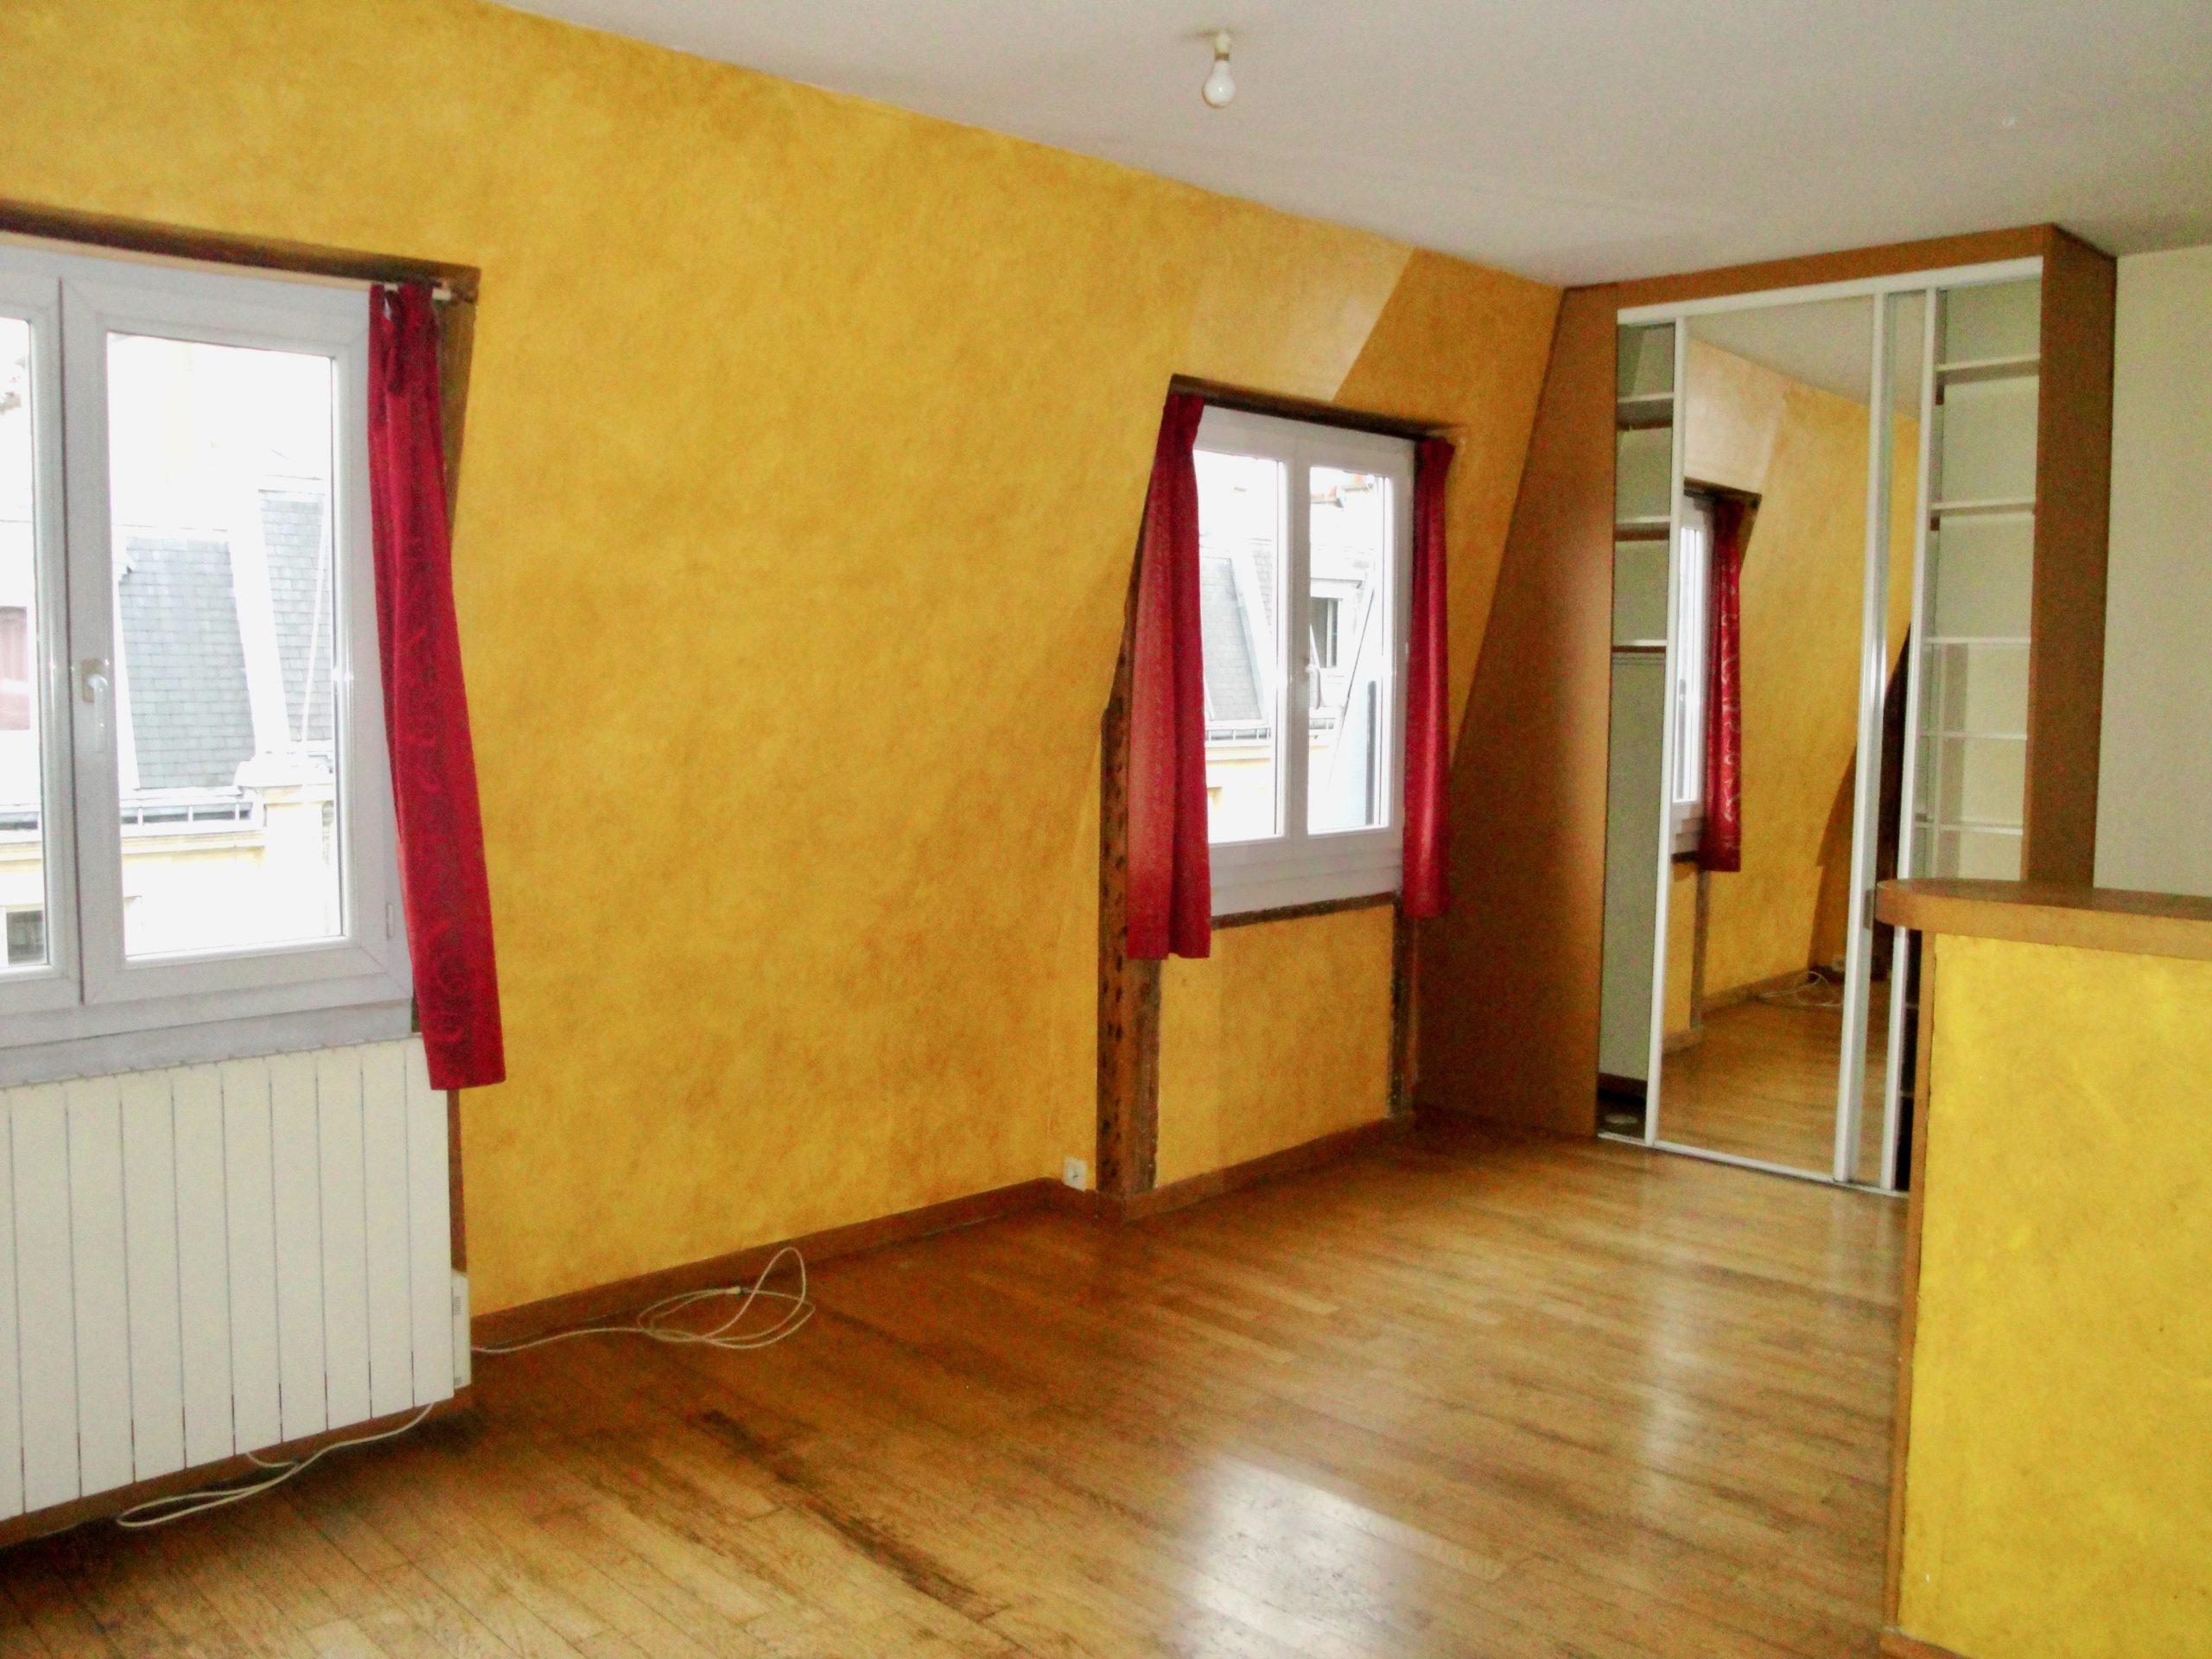 Un studio + une chambre rue de Suez (75018)